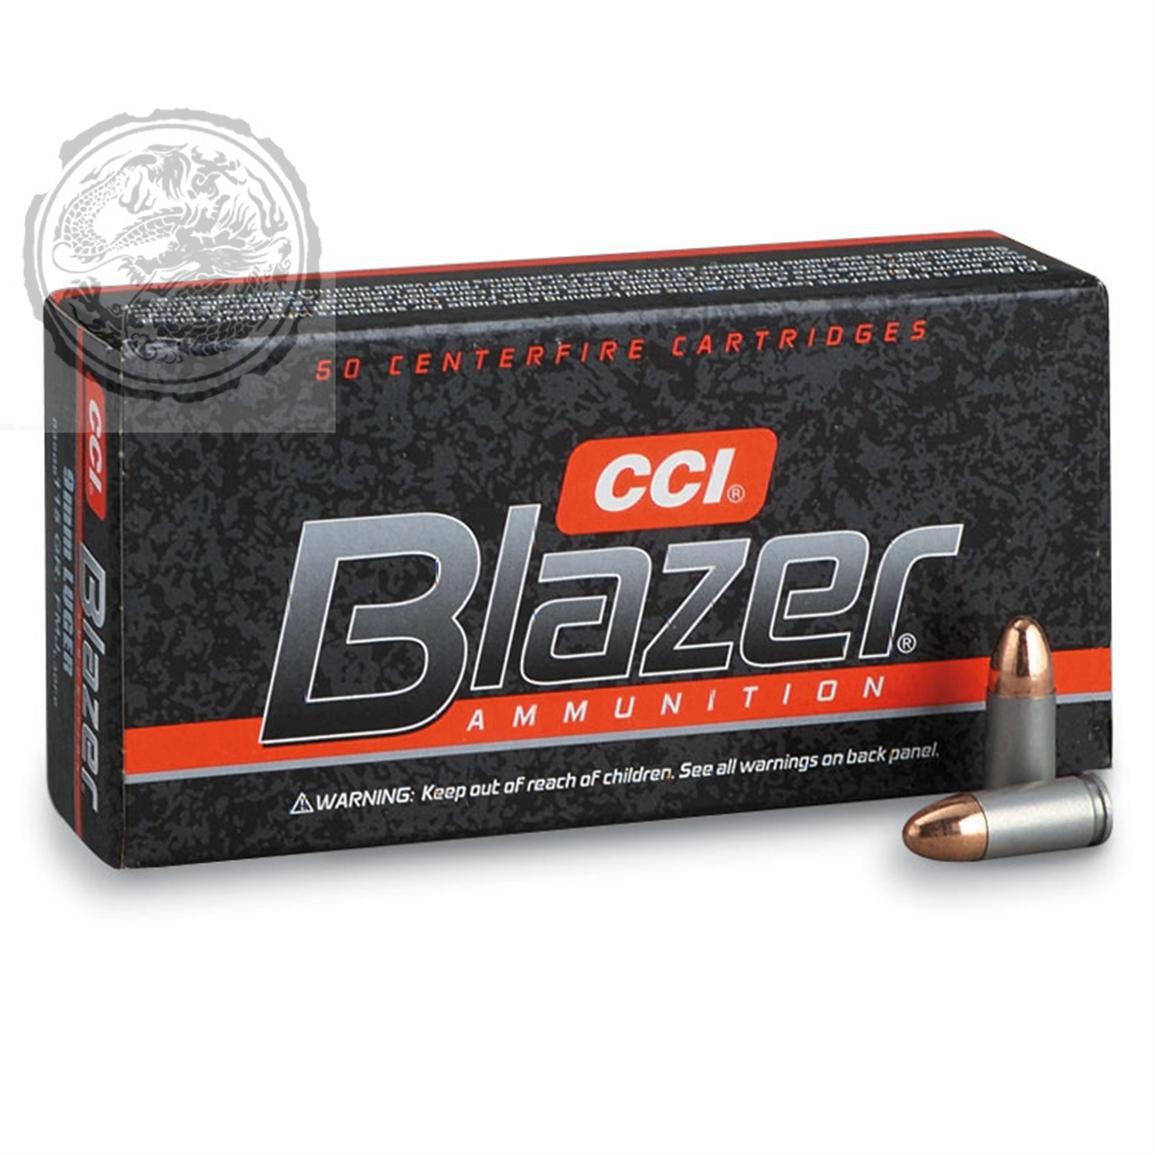 CCI Blazer 9mm Ammunition FMJ 147 GR Box of 50